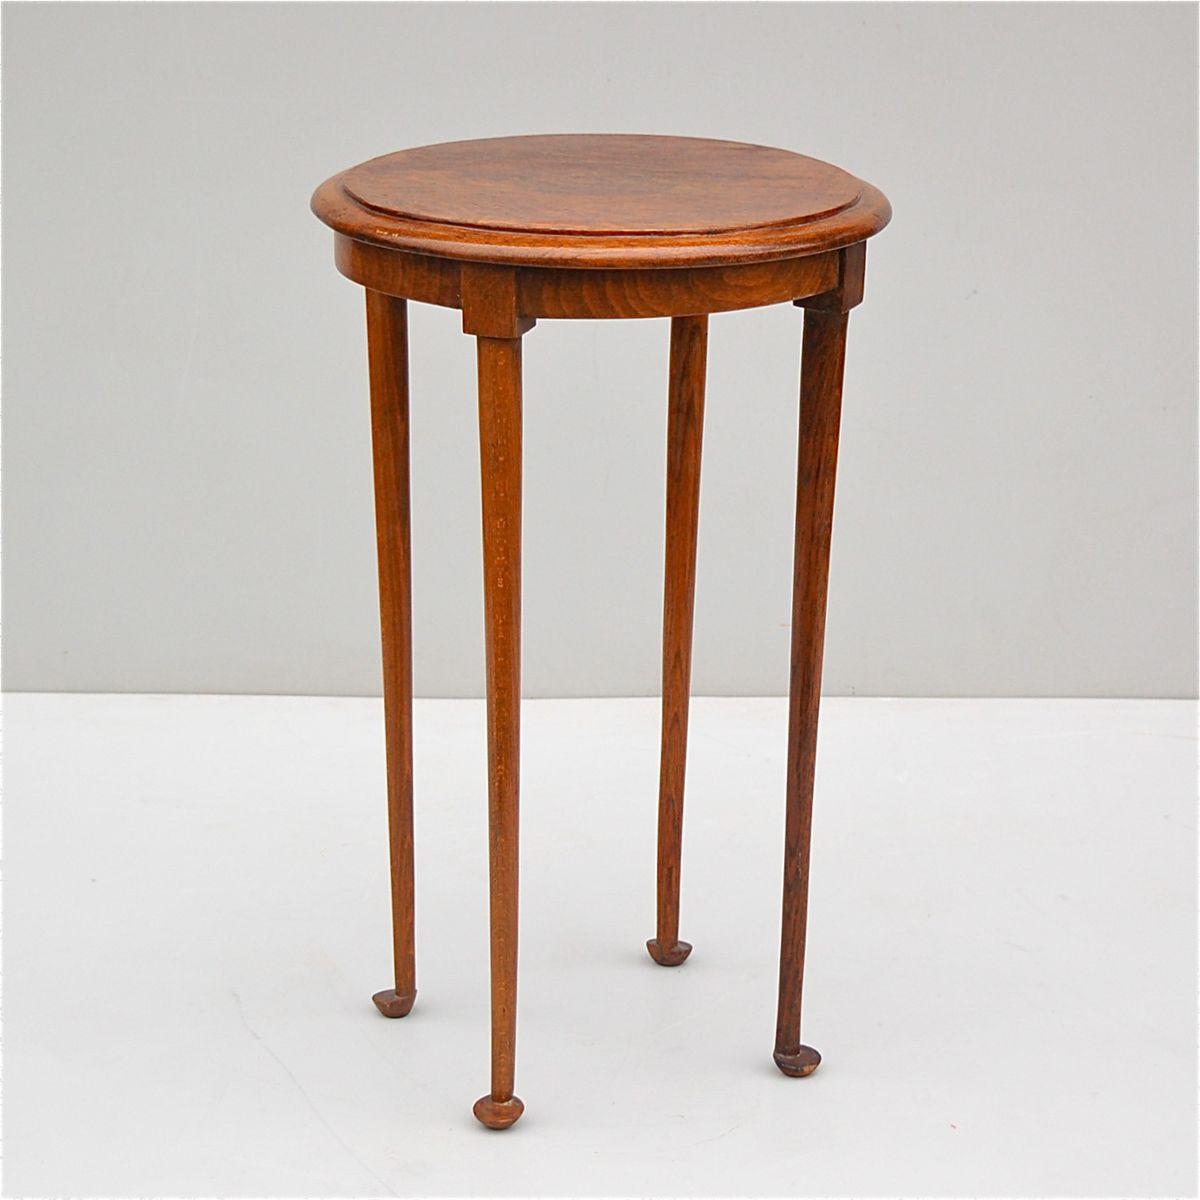 eichenholz tisch mit abgerundeten beinen 1950er bei. Black Bedroom Furniture Sets. Home Design Ideas